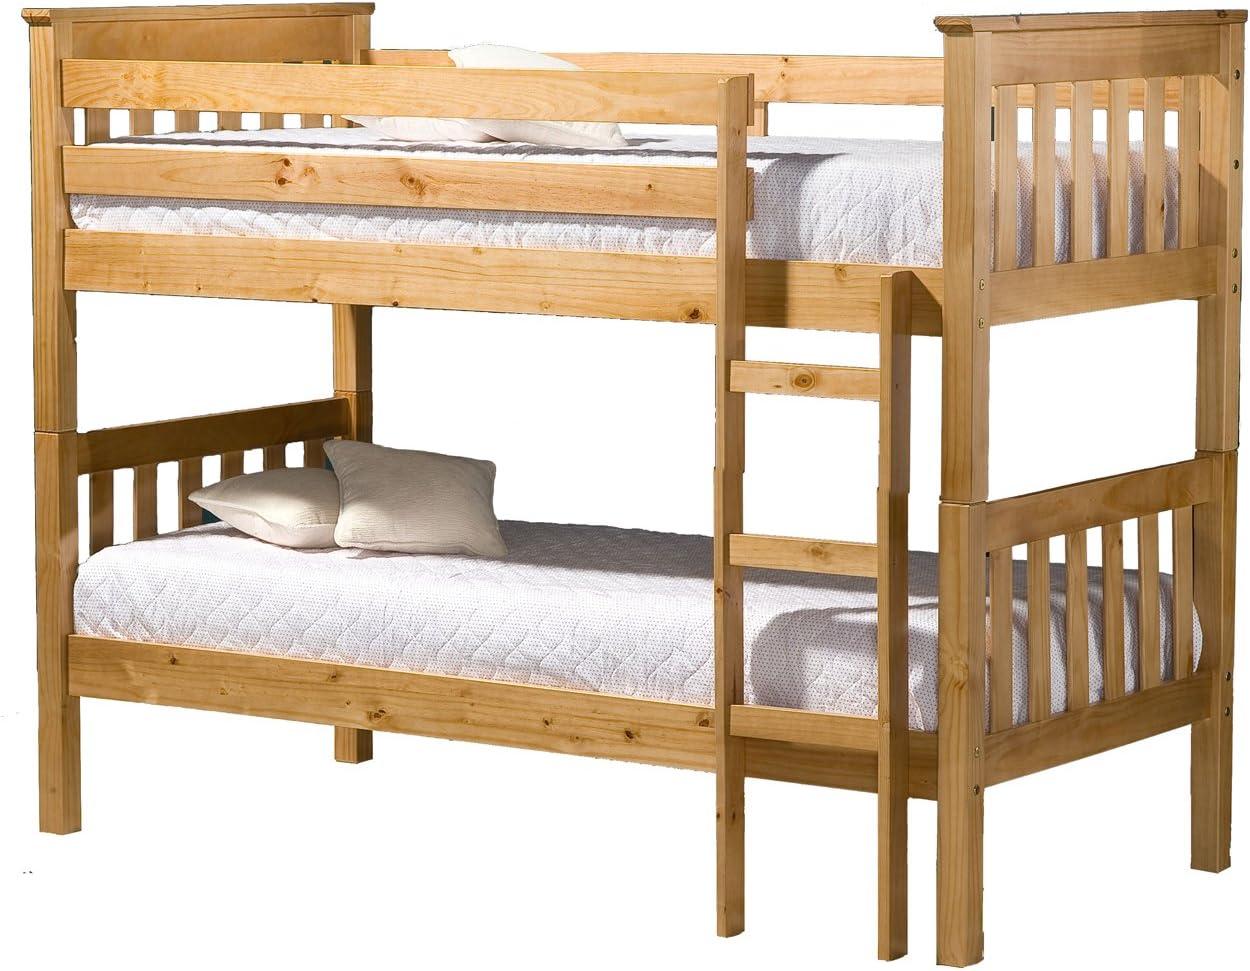 Casa fuente – Litera pino somier de madera Base fija escalera para cama individual dormitorio 3 ft: Amazon.es: Hogar